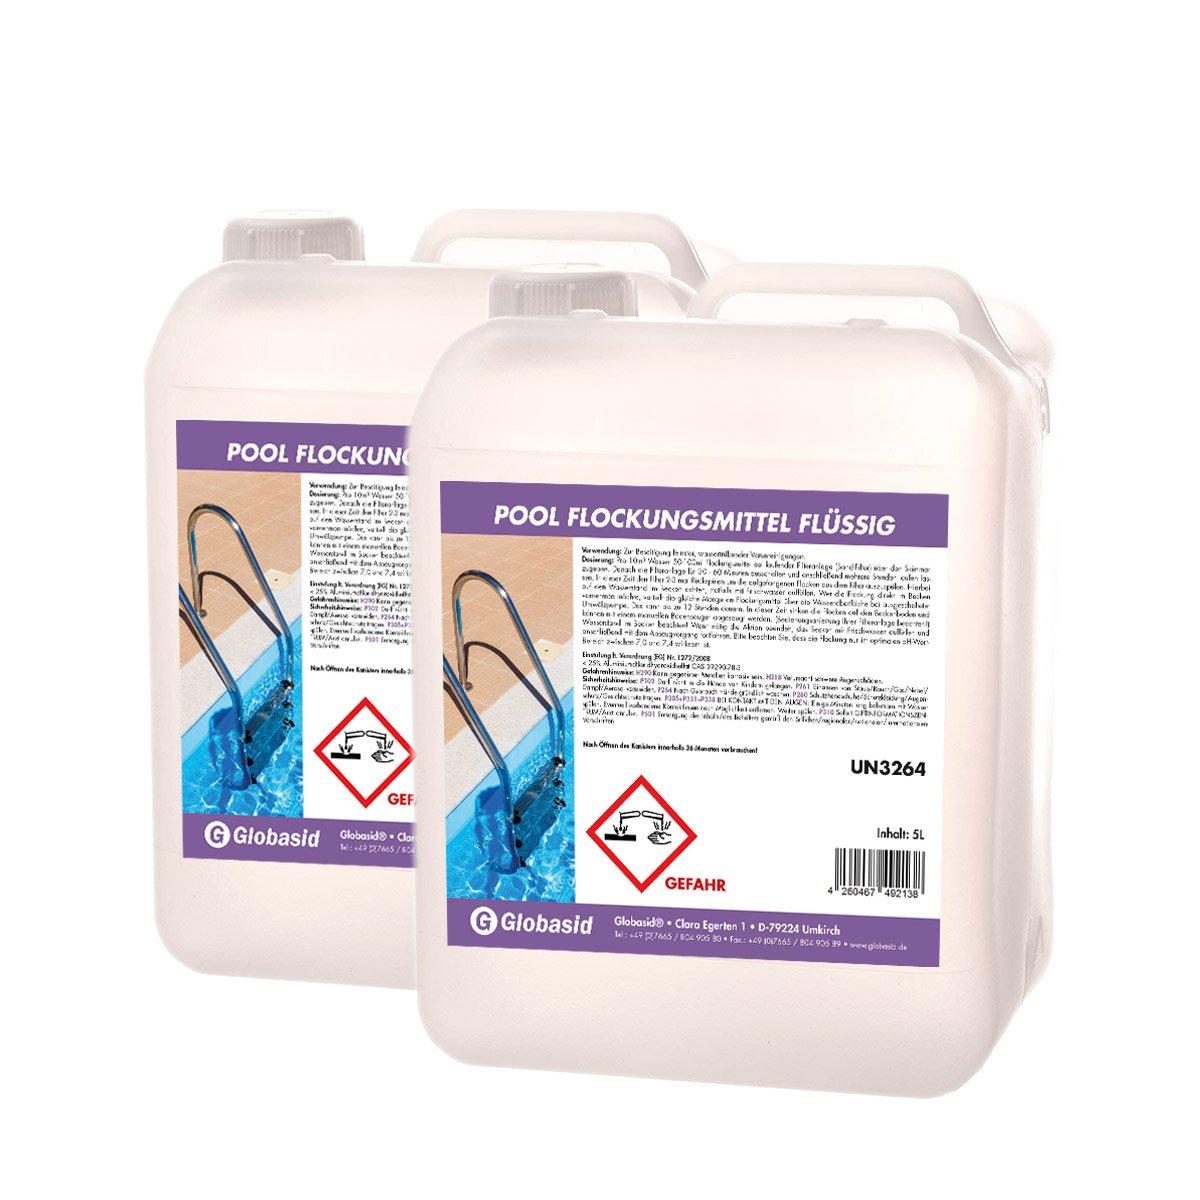 2 x 5 L Flockungsmittel Flüssig - Superflock Flock Pool - Flockmittel Flüssig für Pool-Wasser Globasid